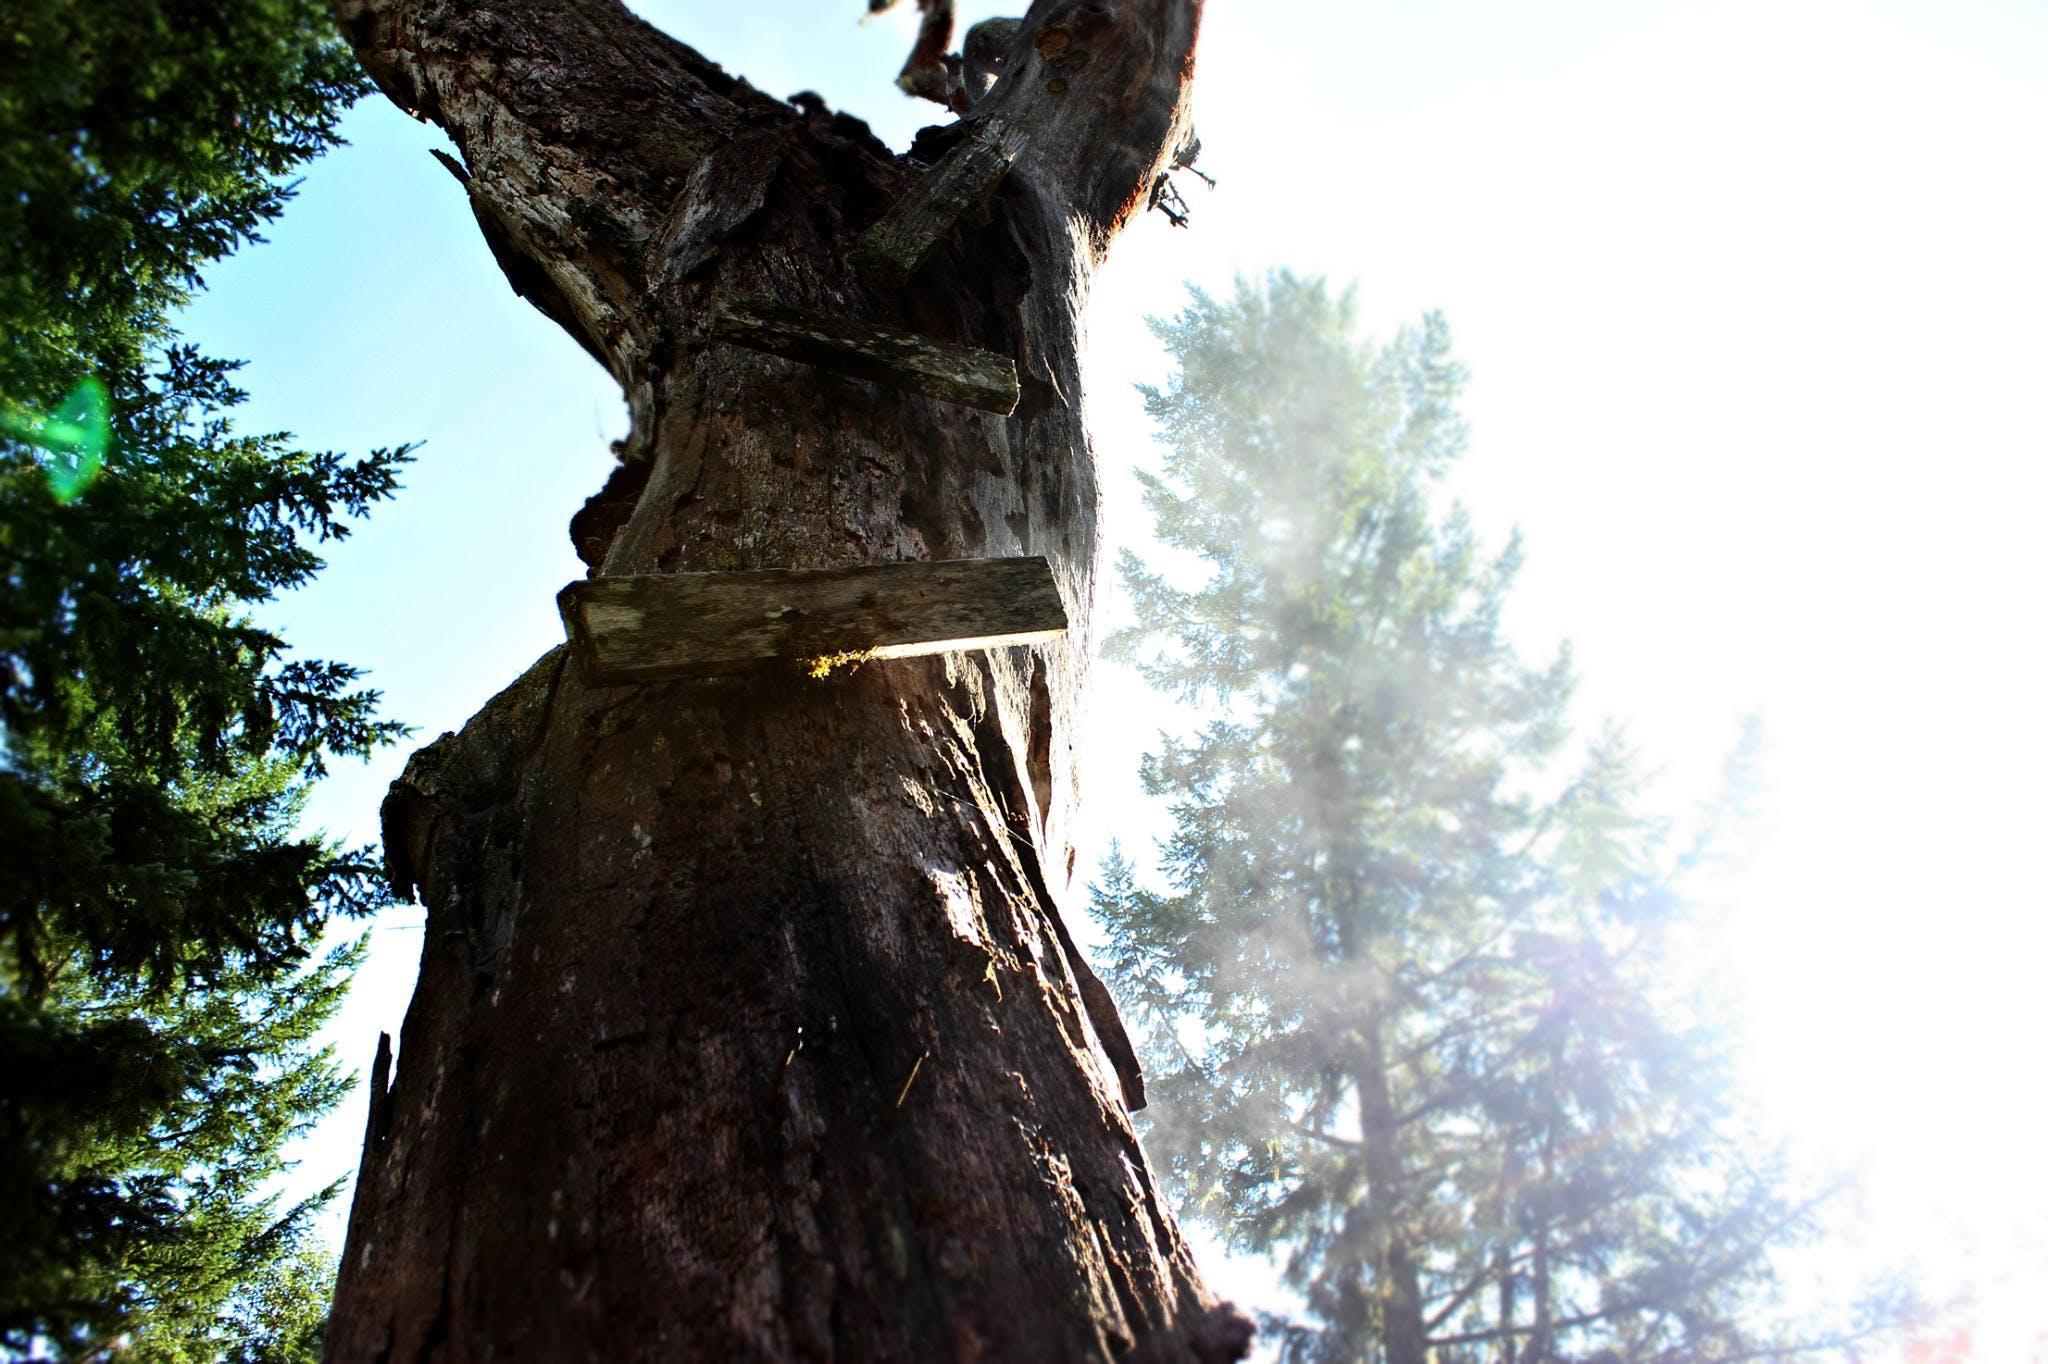 Free stock photo of tree, old, oak, climb